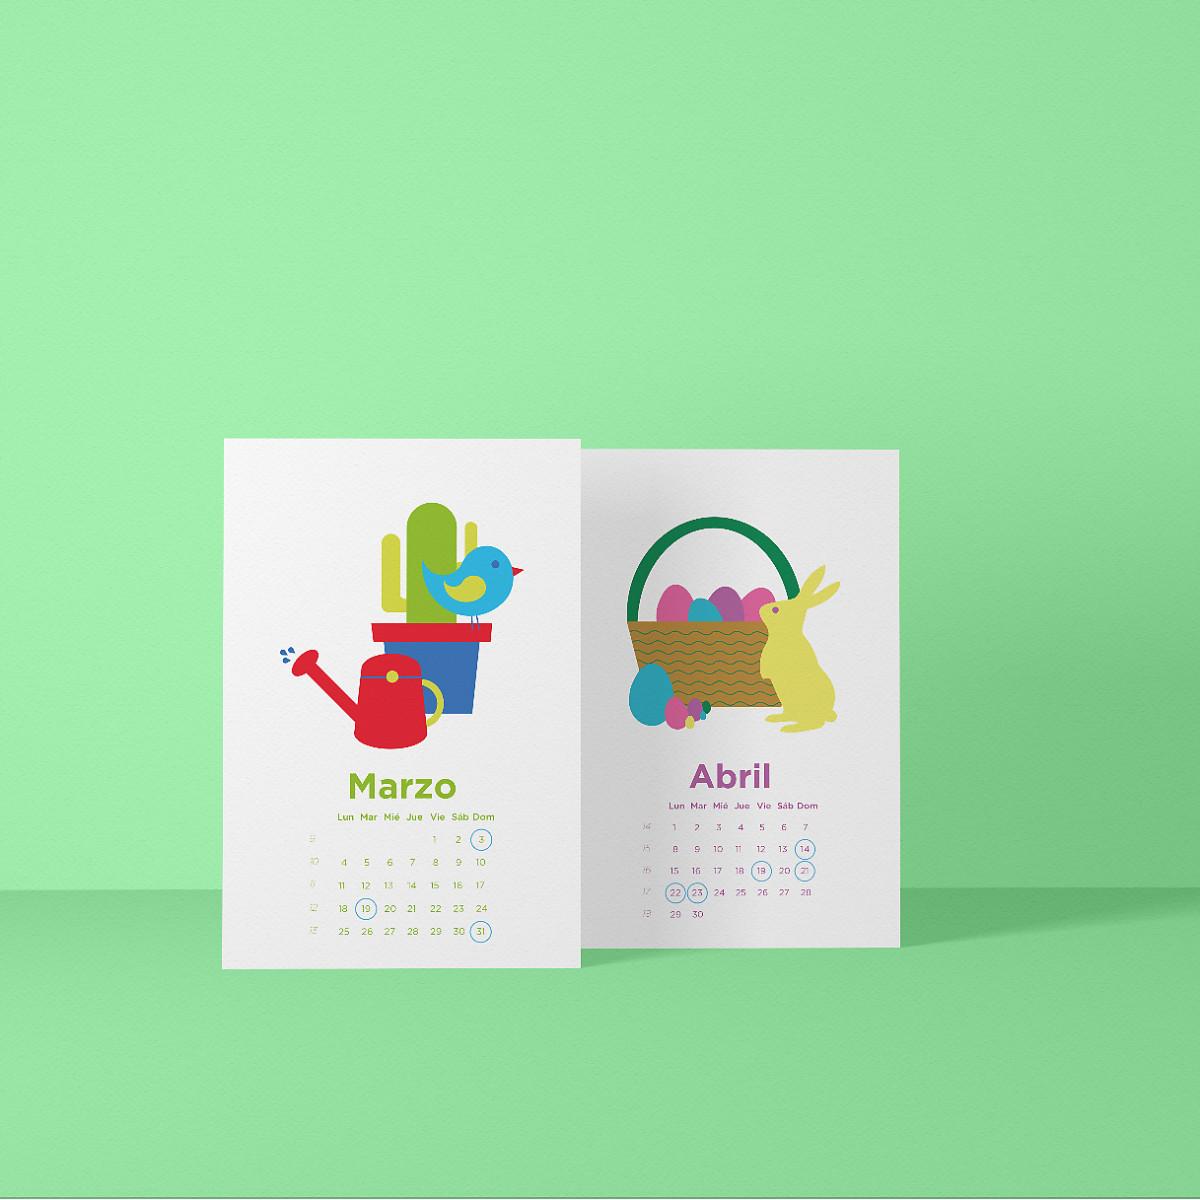 Calendario Indesign.Calendario Ilustrado 2019 Domestika